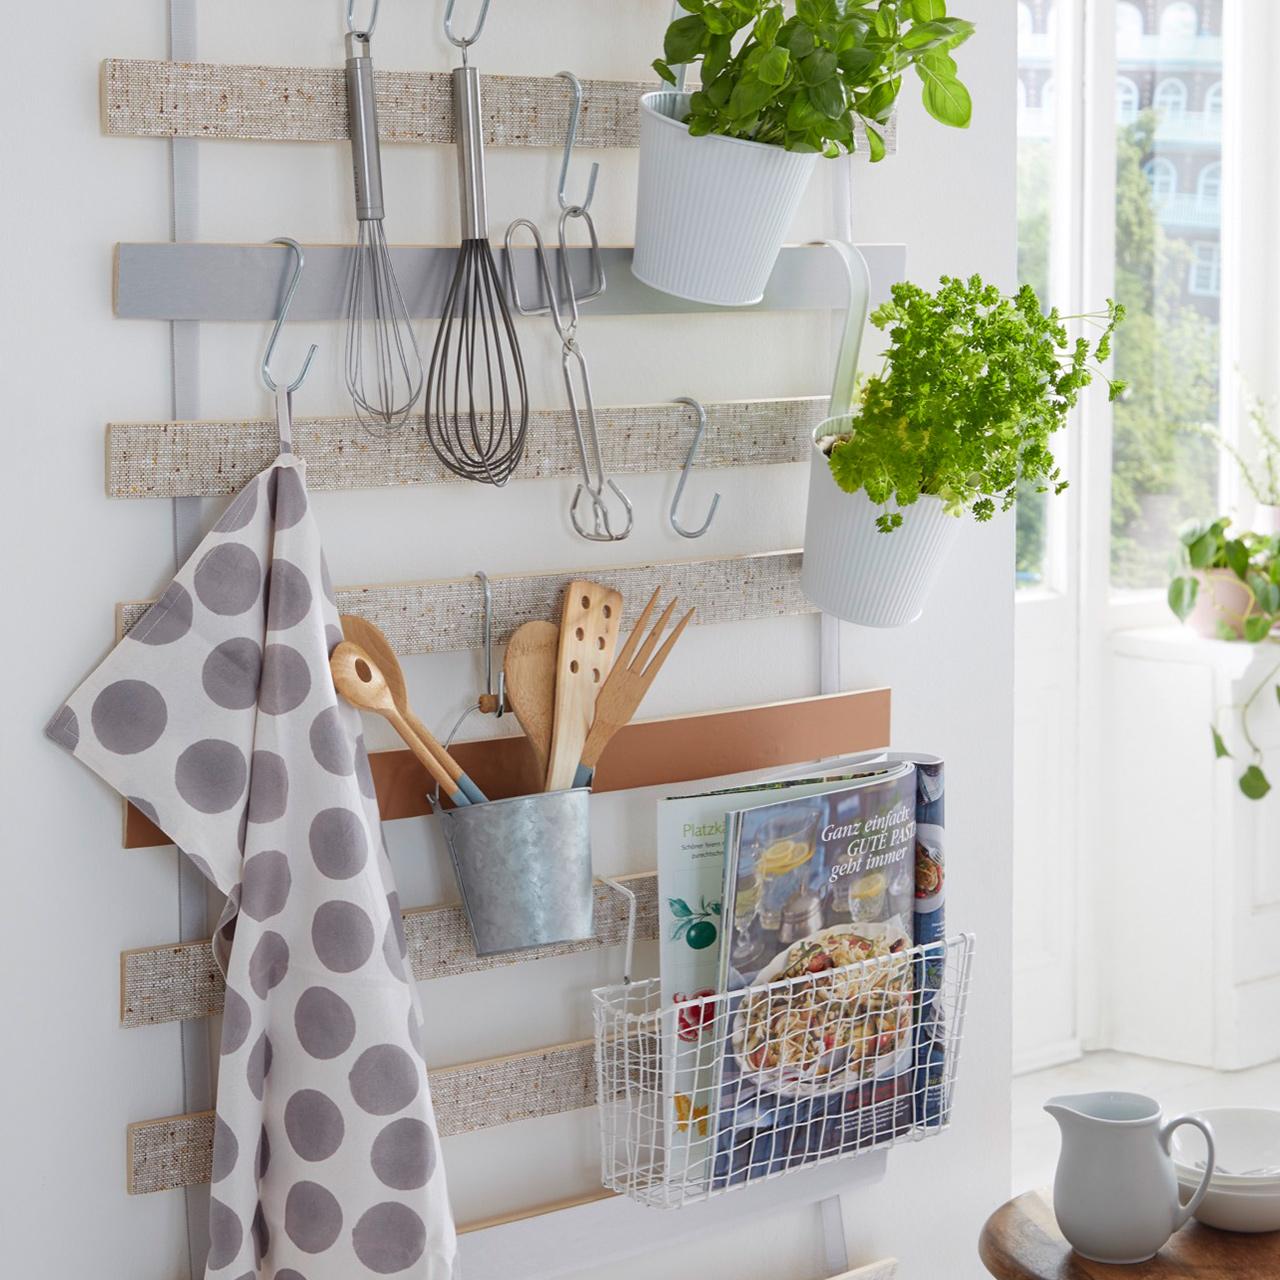 d-c-home | Idee per le cucine di piccole dimensioni con d-c-fix®